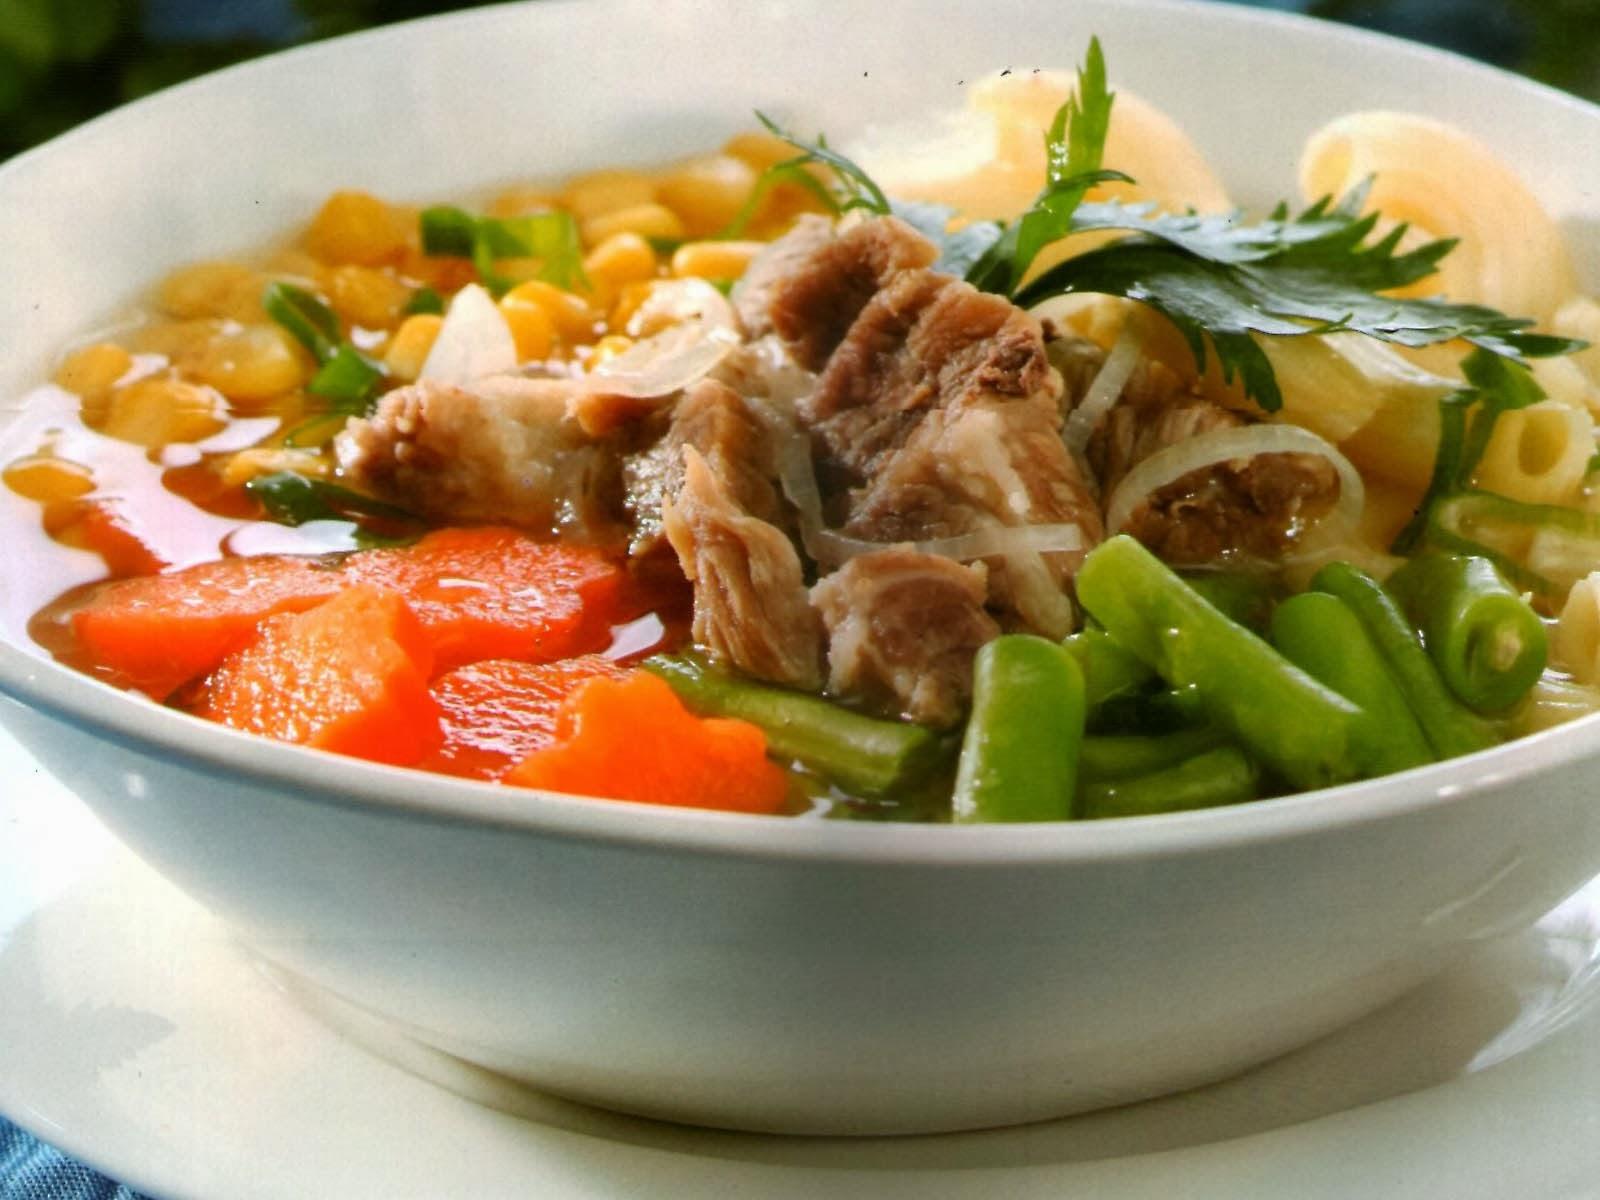 Resep cara membuat sop daging sapi cepat dan mudah resep masakan